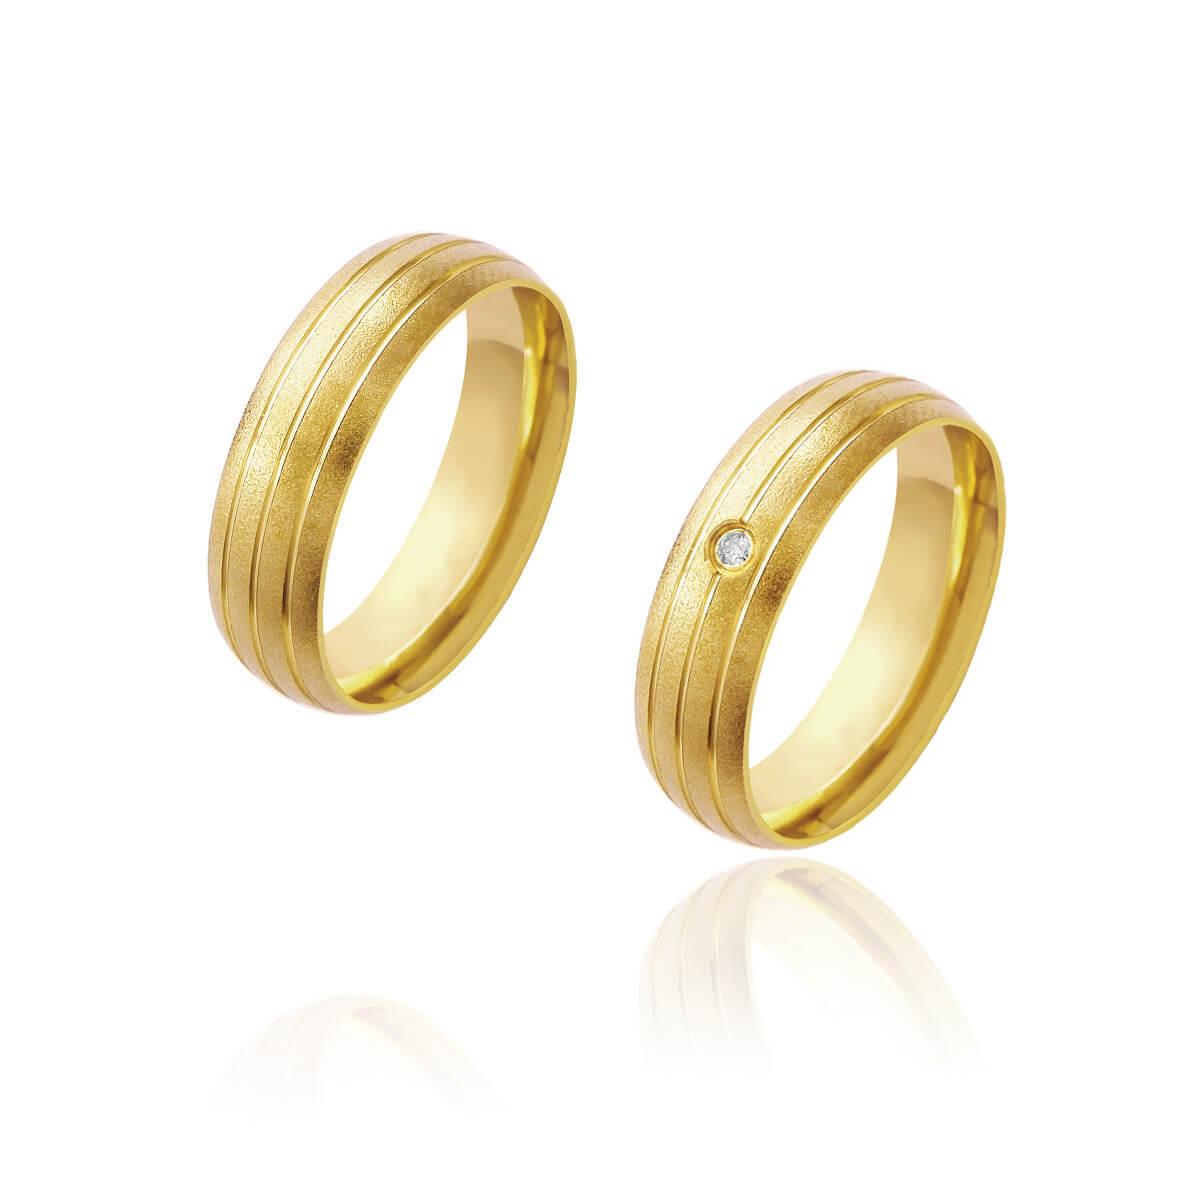 Par de Alianças de Casamento Afrodite Ouro 18k 3 Frisos e Brilhante Zircönia Central 6mm 7g